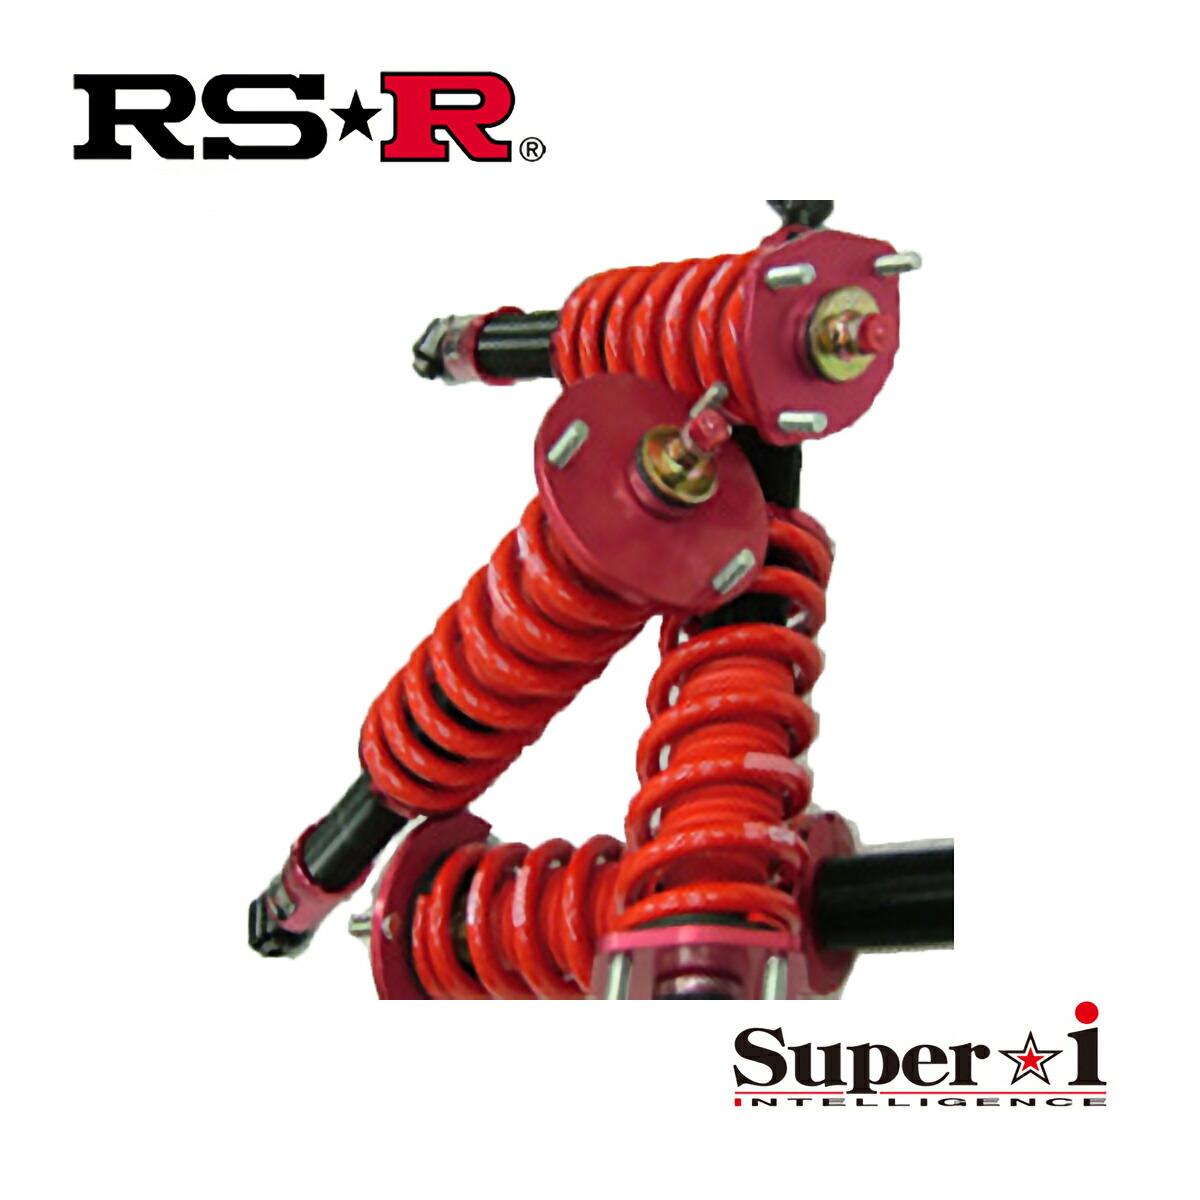 RS-R オデッセイ 全グレード装着可 RC1 車高調 リア車高調整 ネジ式 SIH500M RSR スーパーi RSR 個人宅発送追金有